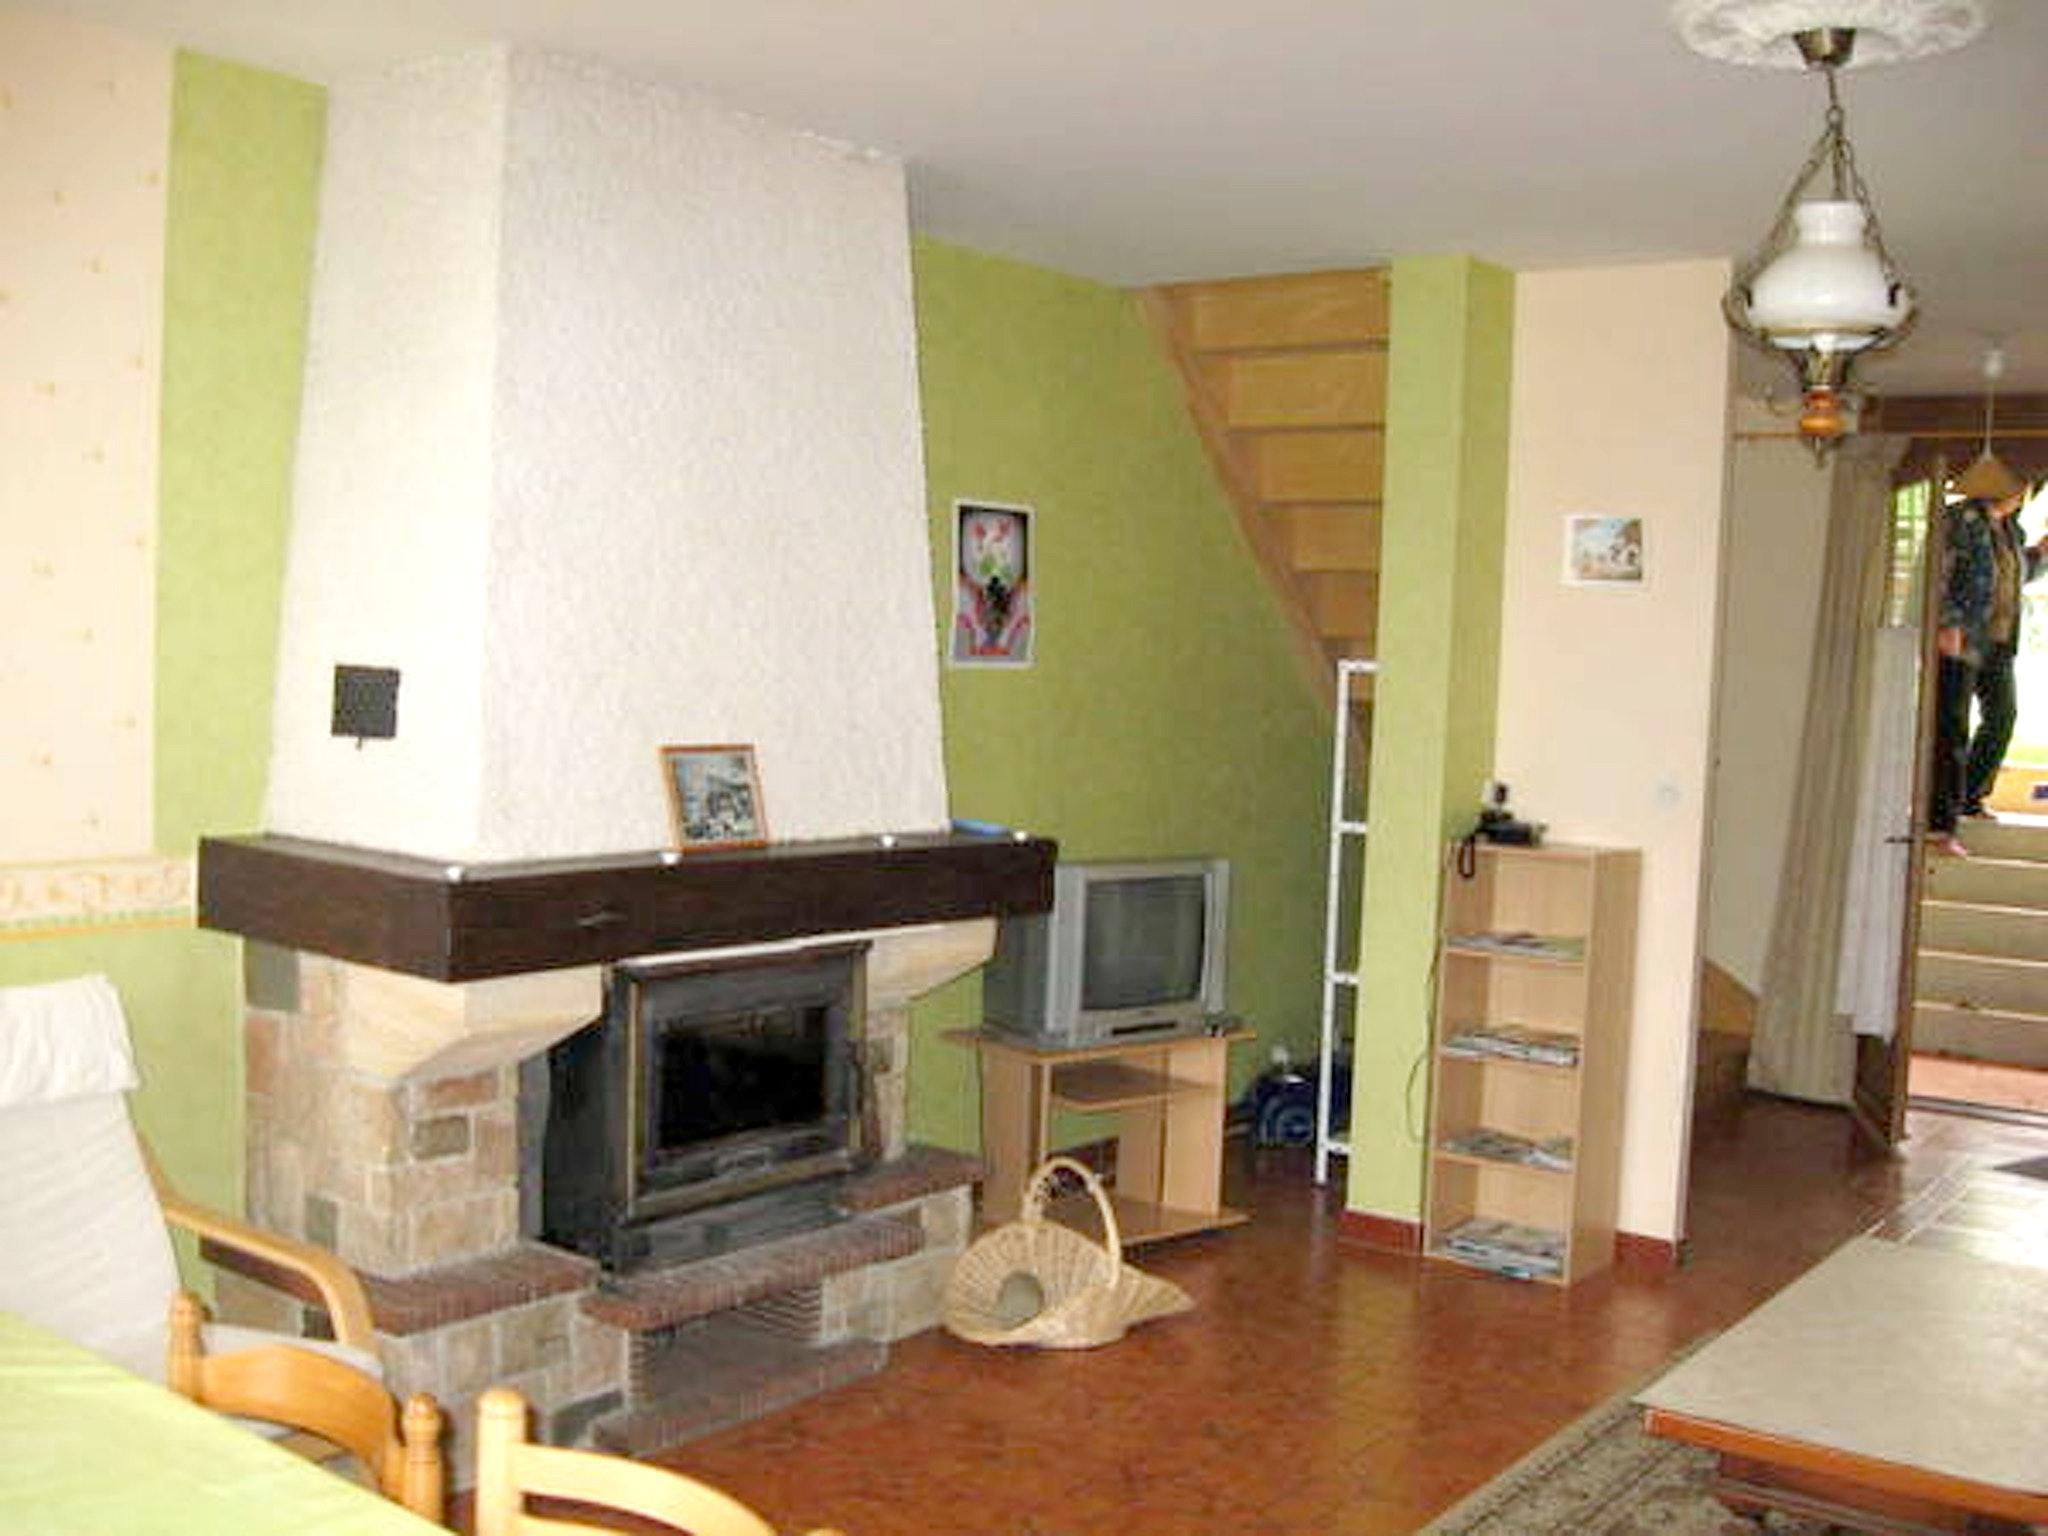 Maison de vacances Haus mit 2 Schlafzimmern in Saint-Laurent-la-Roche mit eingezäuntem Garten - 40 km vom Str (2208321), Montmorot, Jura, Franche-Comté, France, image 5